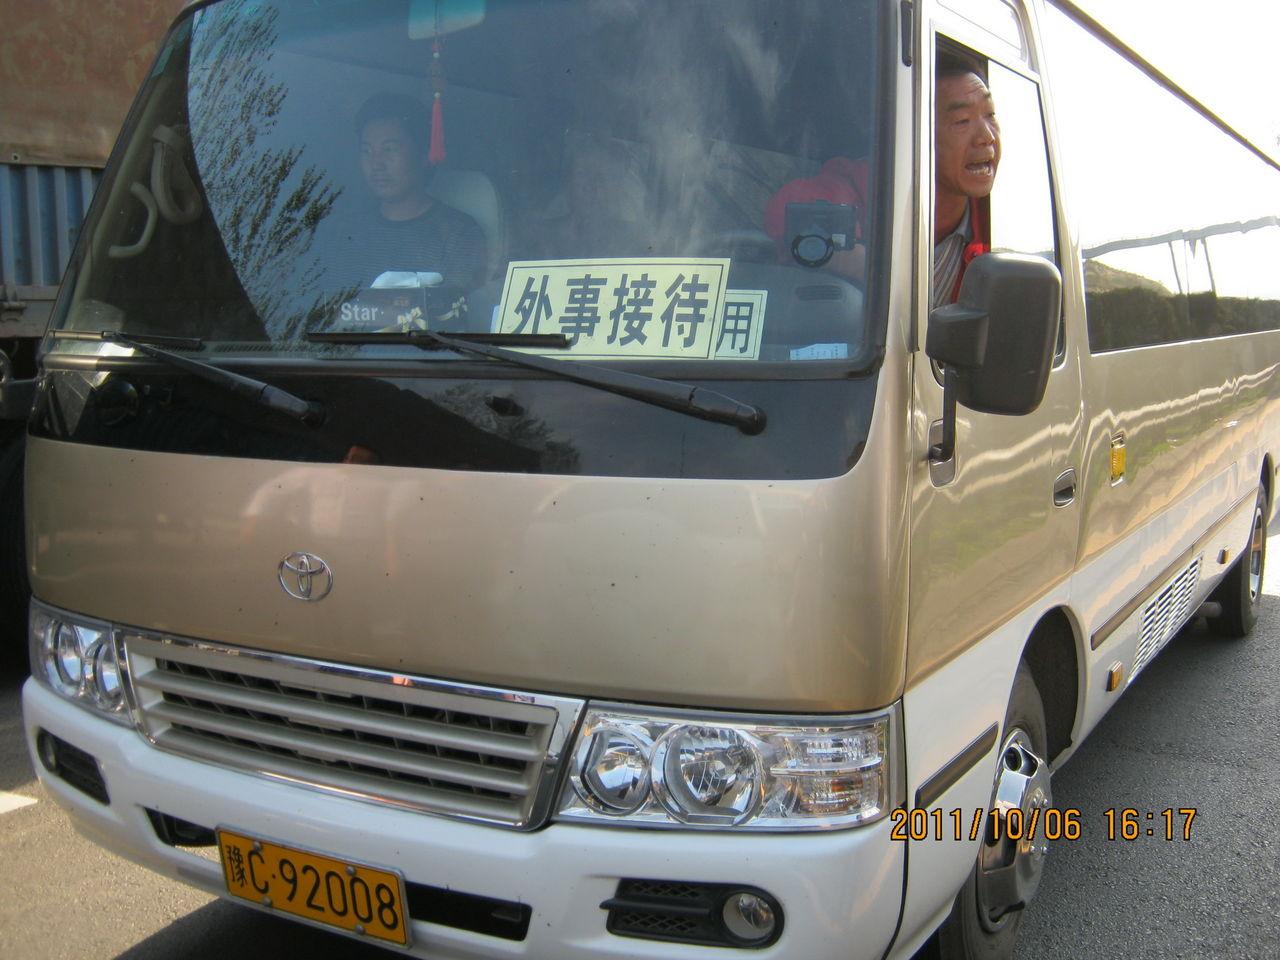 公车旅游 司机逞威 洛阳吧 贴吧 高清图片